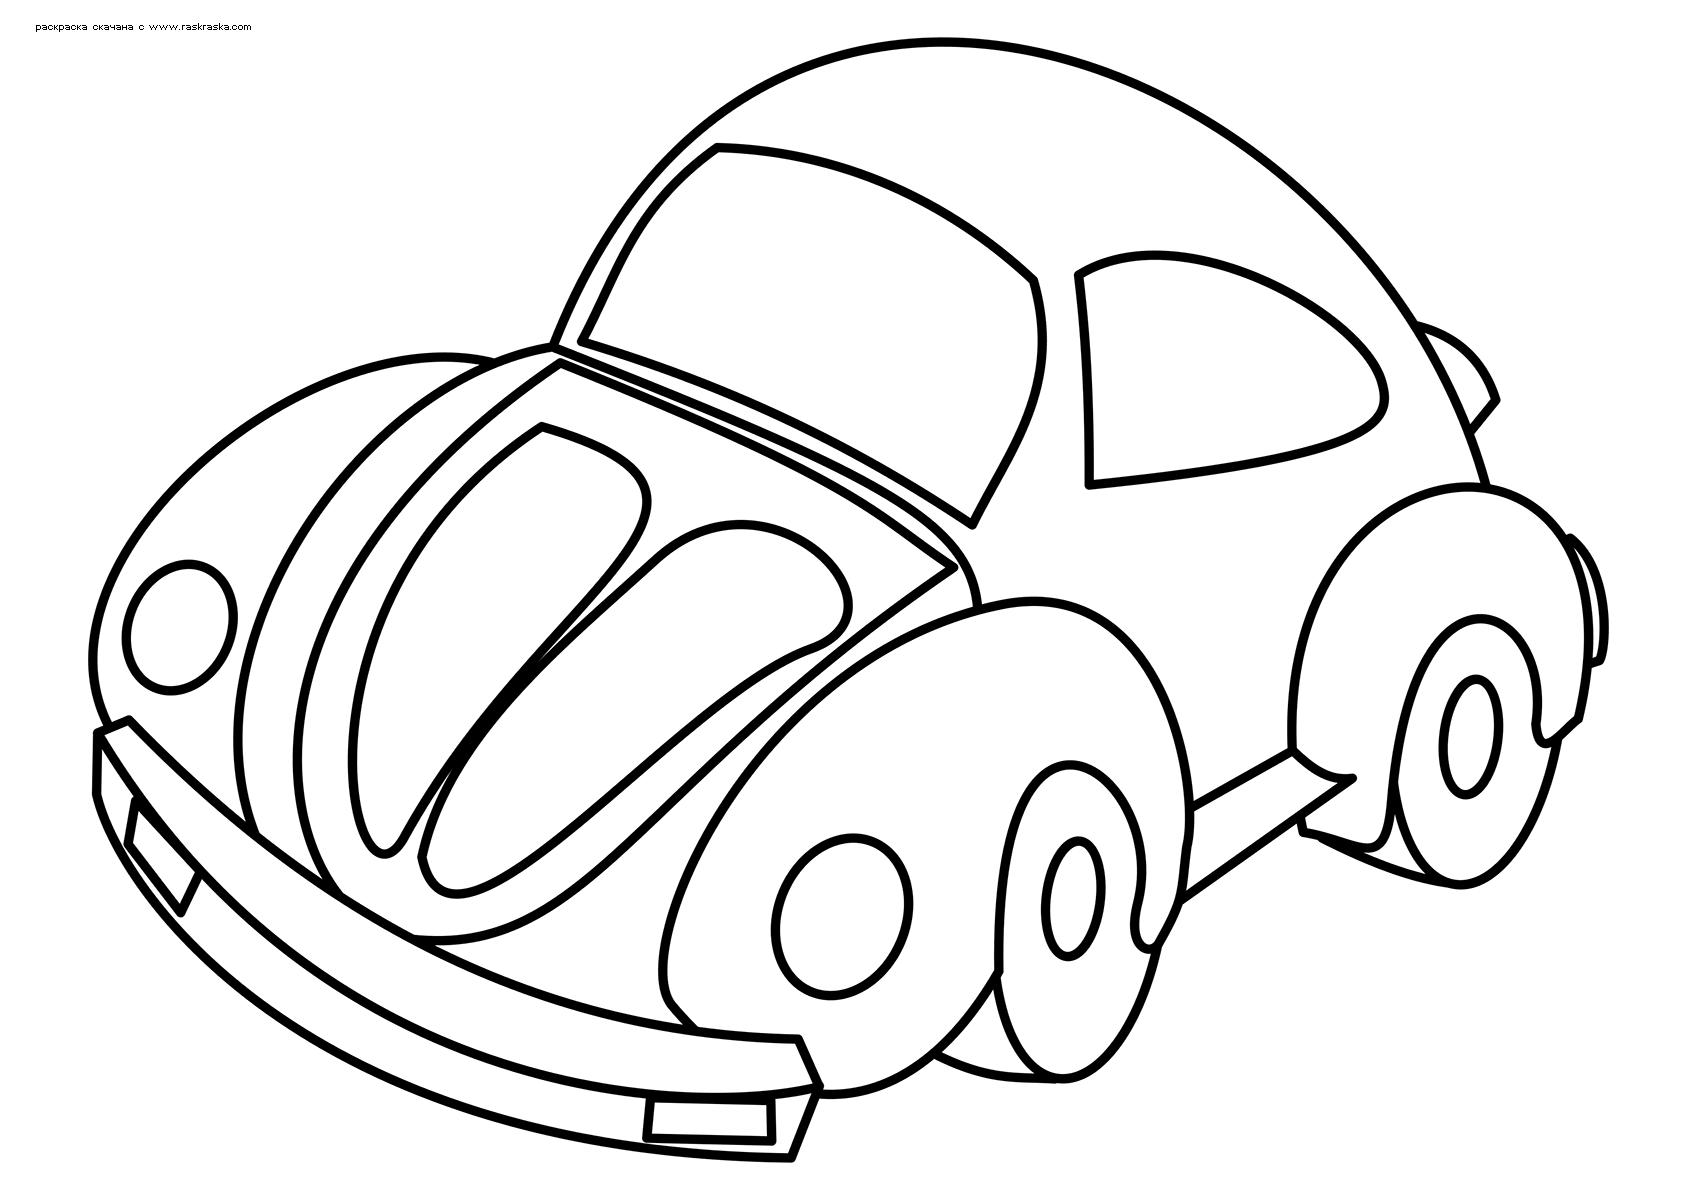 Раскраска Автомобиль. Раскраска машина, автомобиль